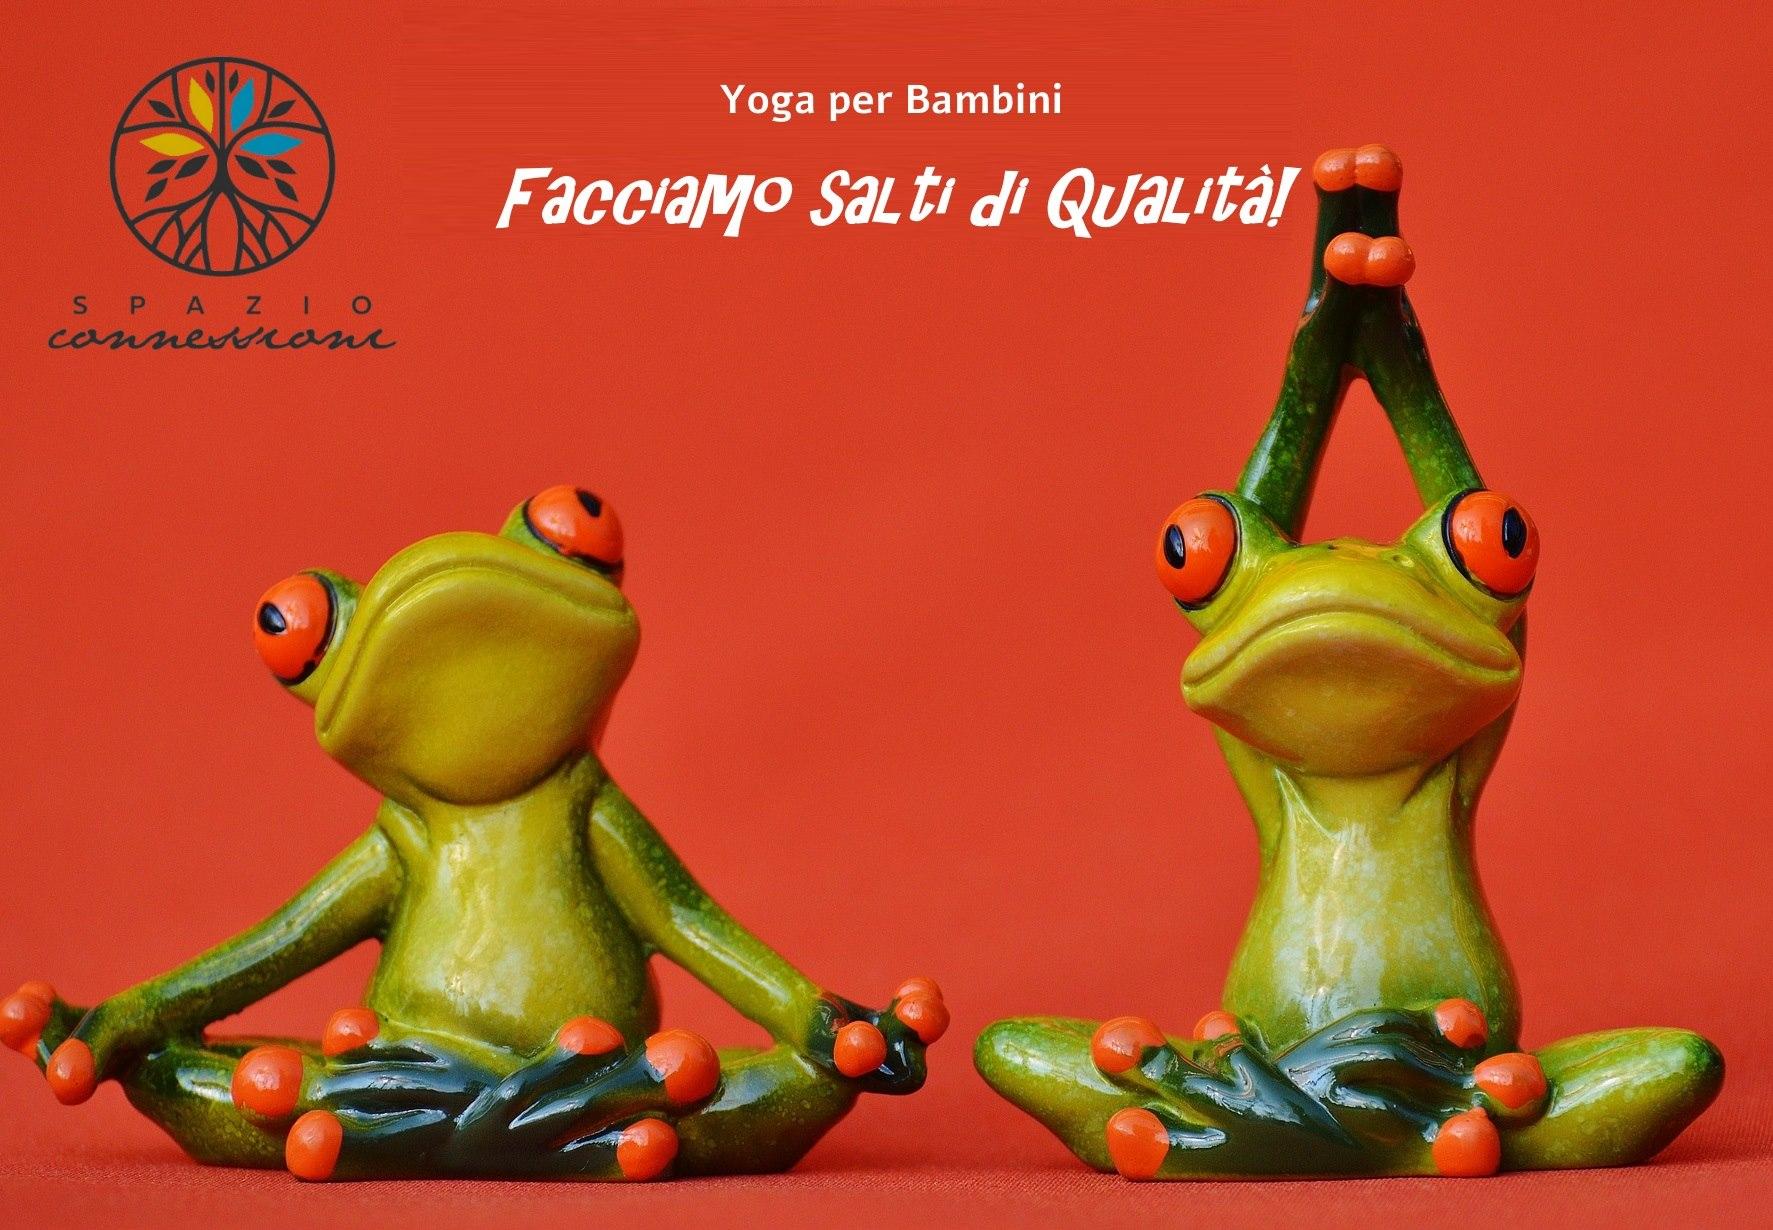 Sabato 26 Gennaio – Inizio Percorso Yoga Bambini – Spazio Connessioni